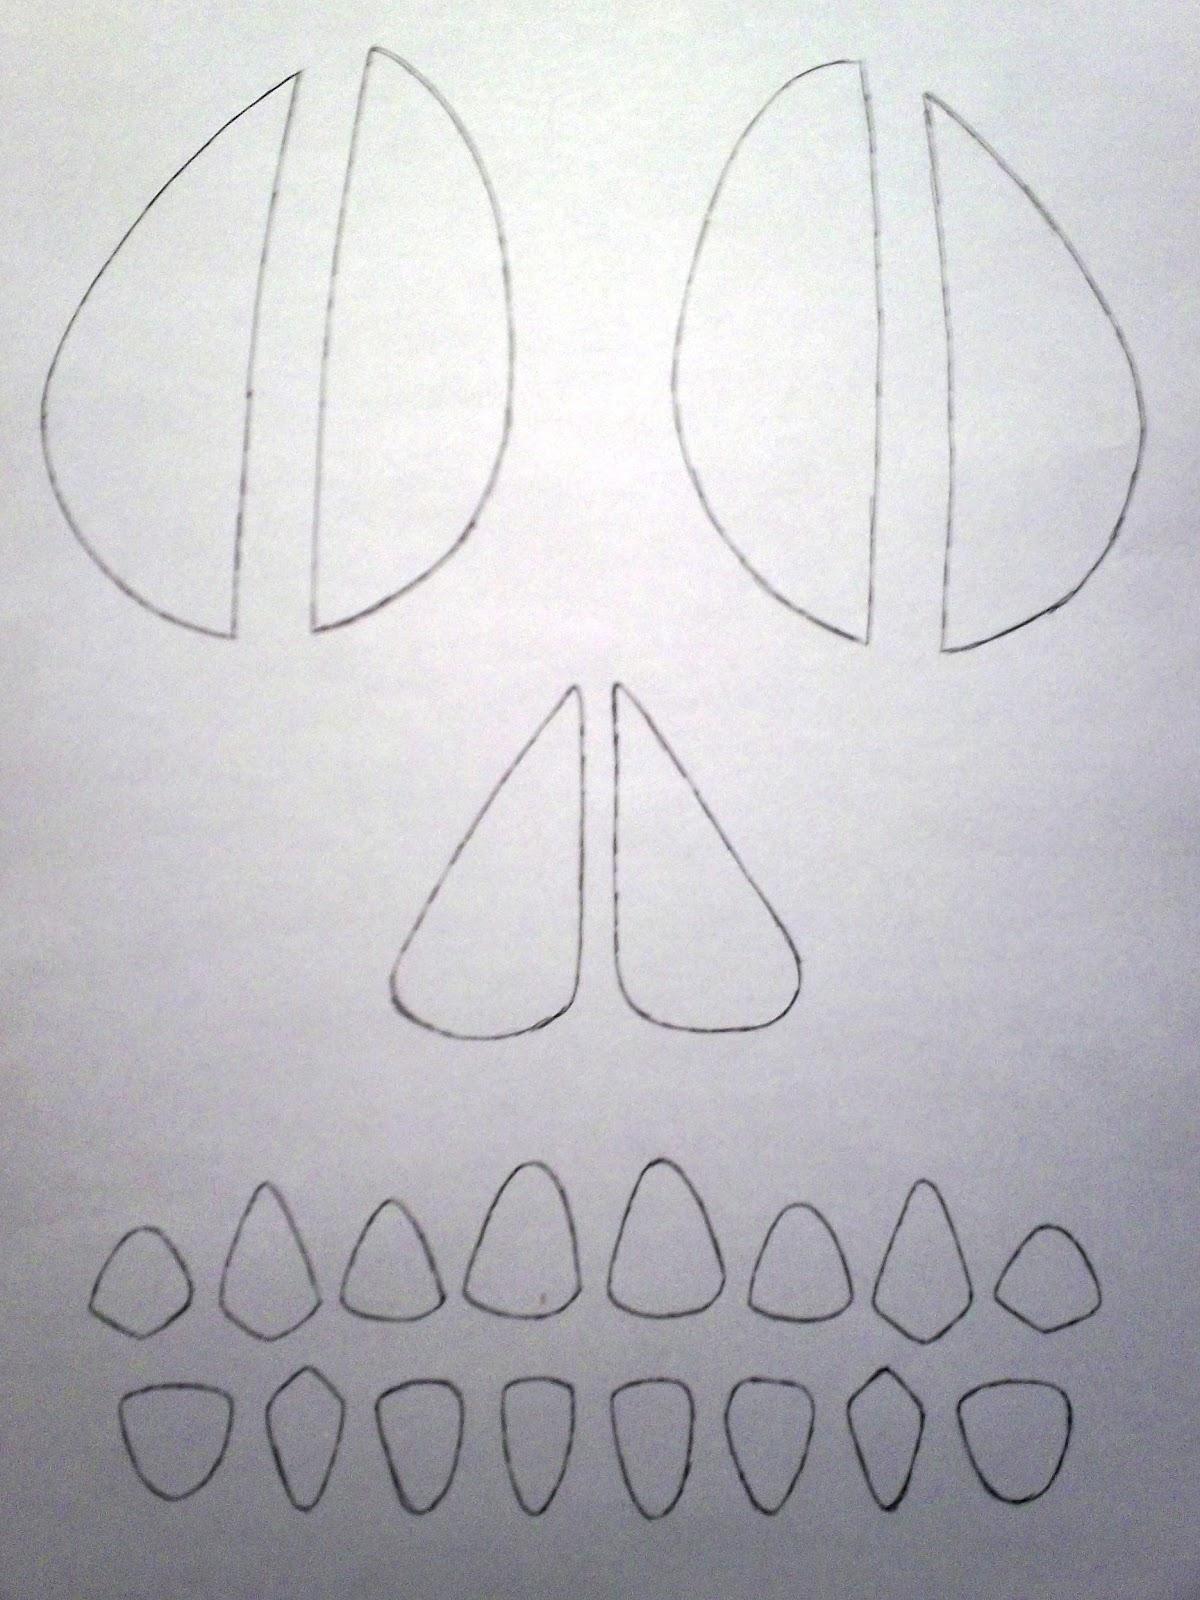 http://1.bp.blogspot.com/-sc7f8FOPBAA/T4H3pUjj30I/AAAAAAAAAdw/5QVkYtOwXcE/s1600/100_1605_picnik.jpg